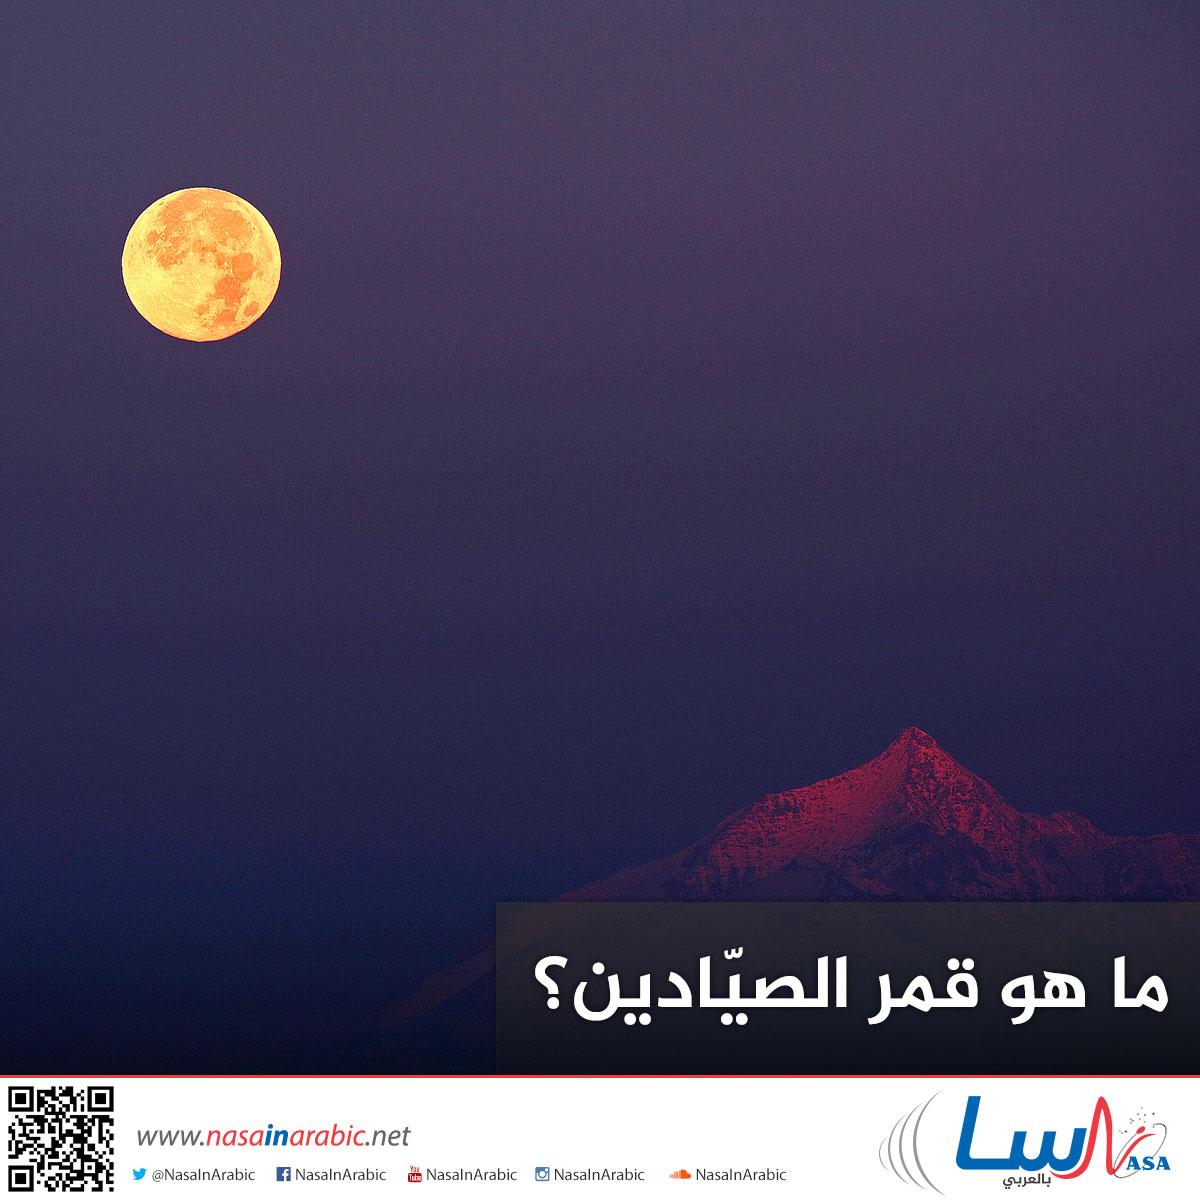 ما هو قمر الصيّادين؟